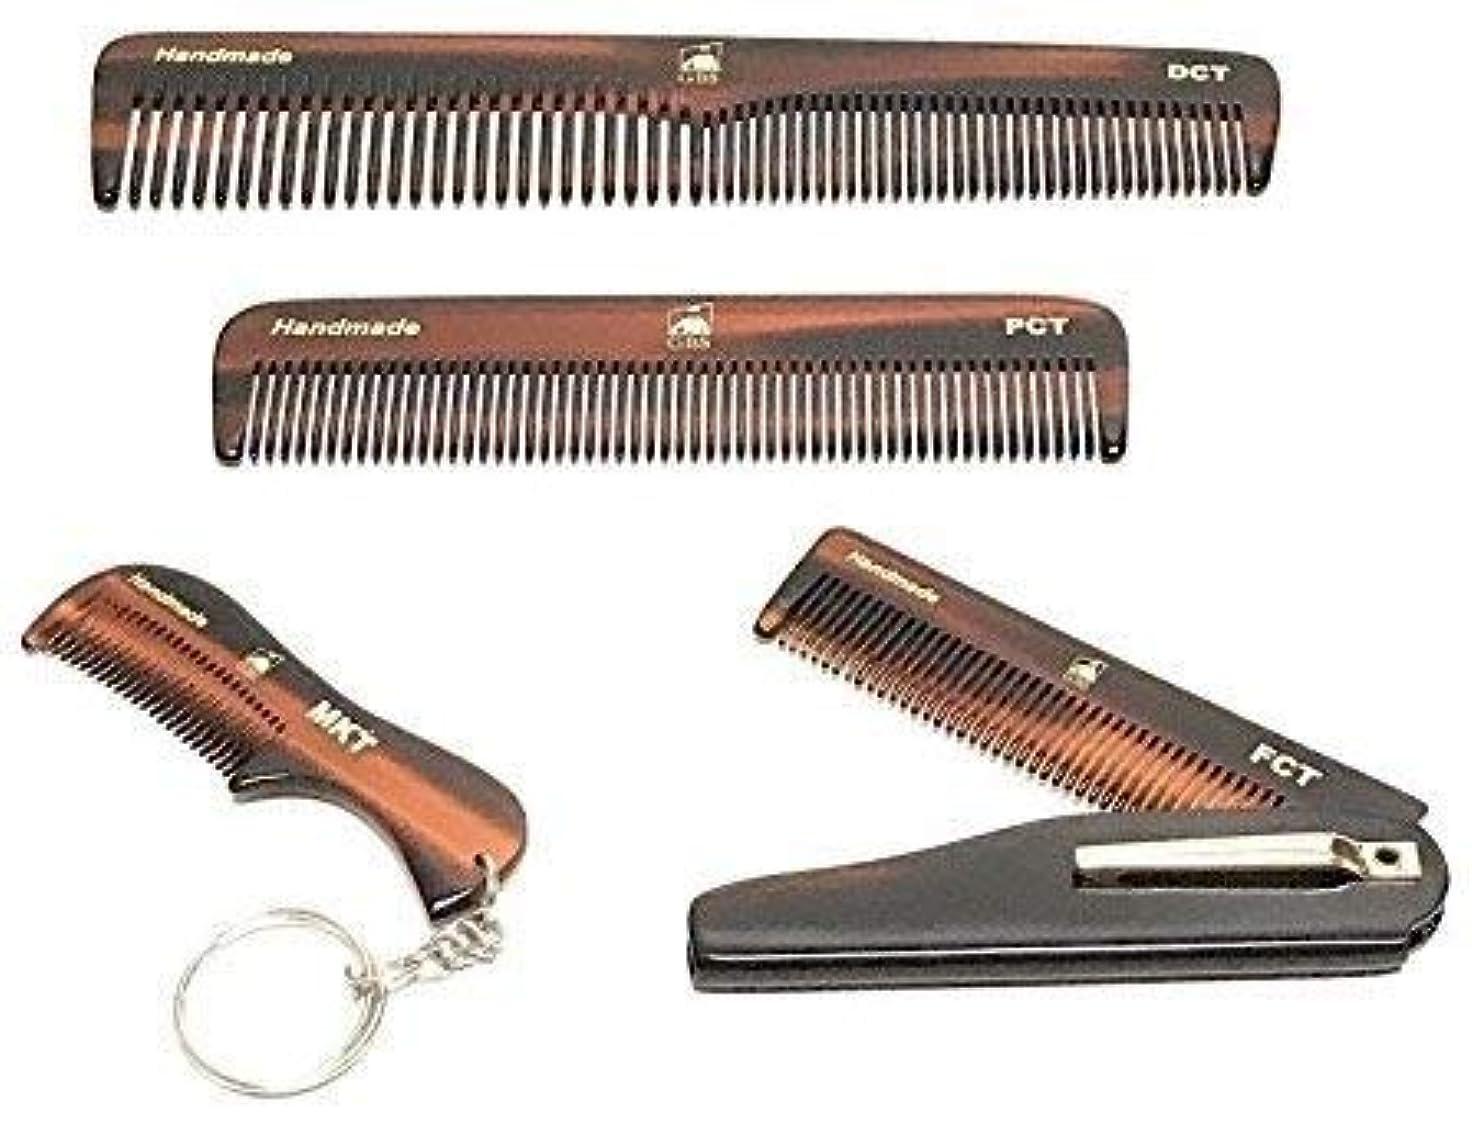 美人慣れる調停者GBS Handmade Styling Anti-Static No Snag Saw-cut Teeth Grooming Hair and Beard Comb Set - For Mens Care - Dressing...